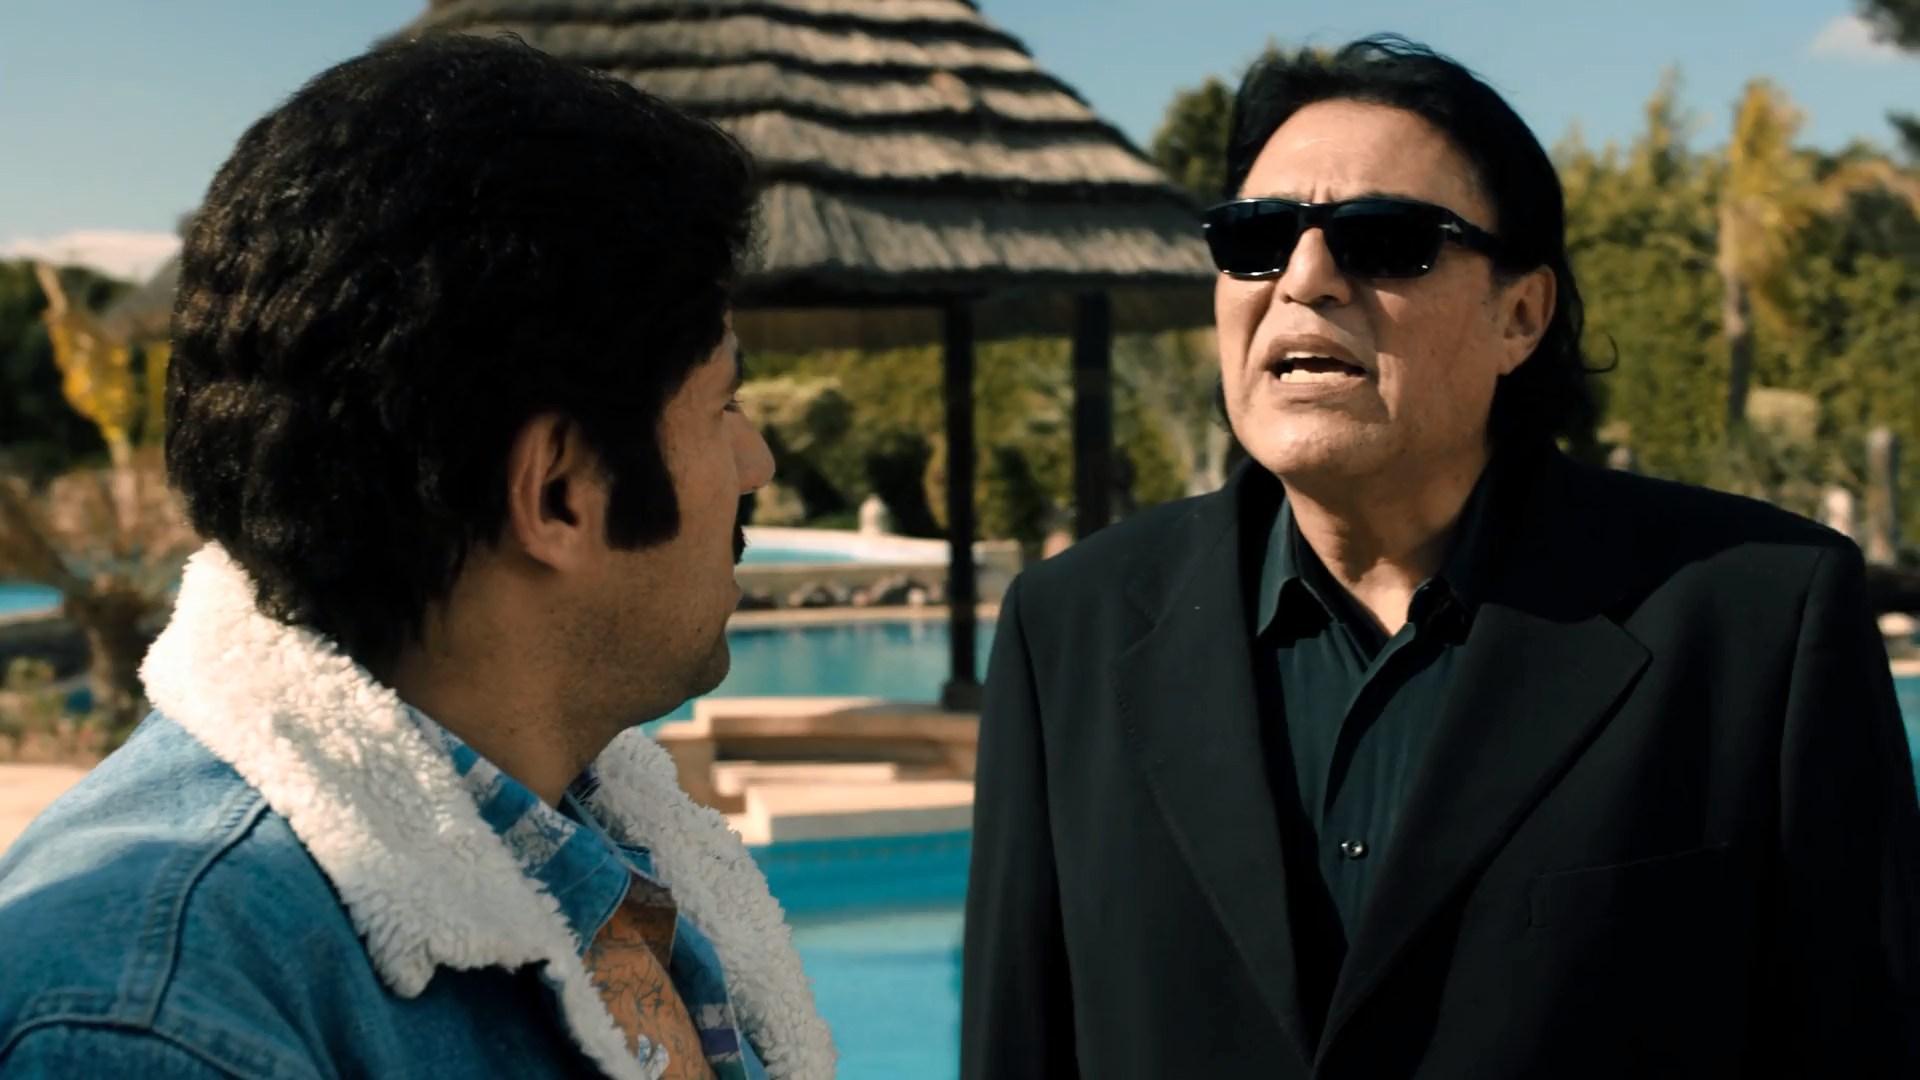 [فيلم][تورنت][تحميل][سمير أبو النيل][2013][1080p][Web-DL] 6 arabp2p.com